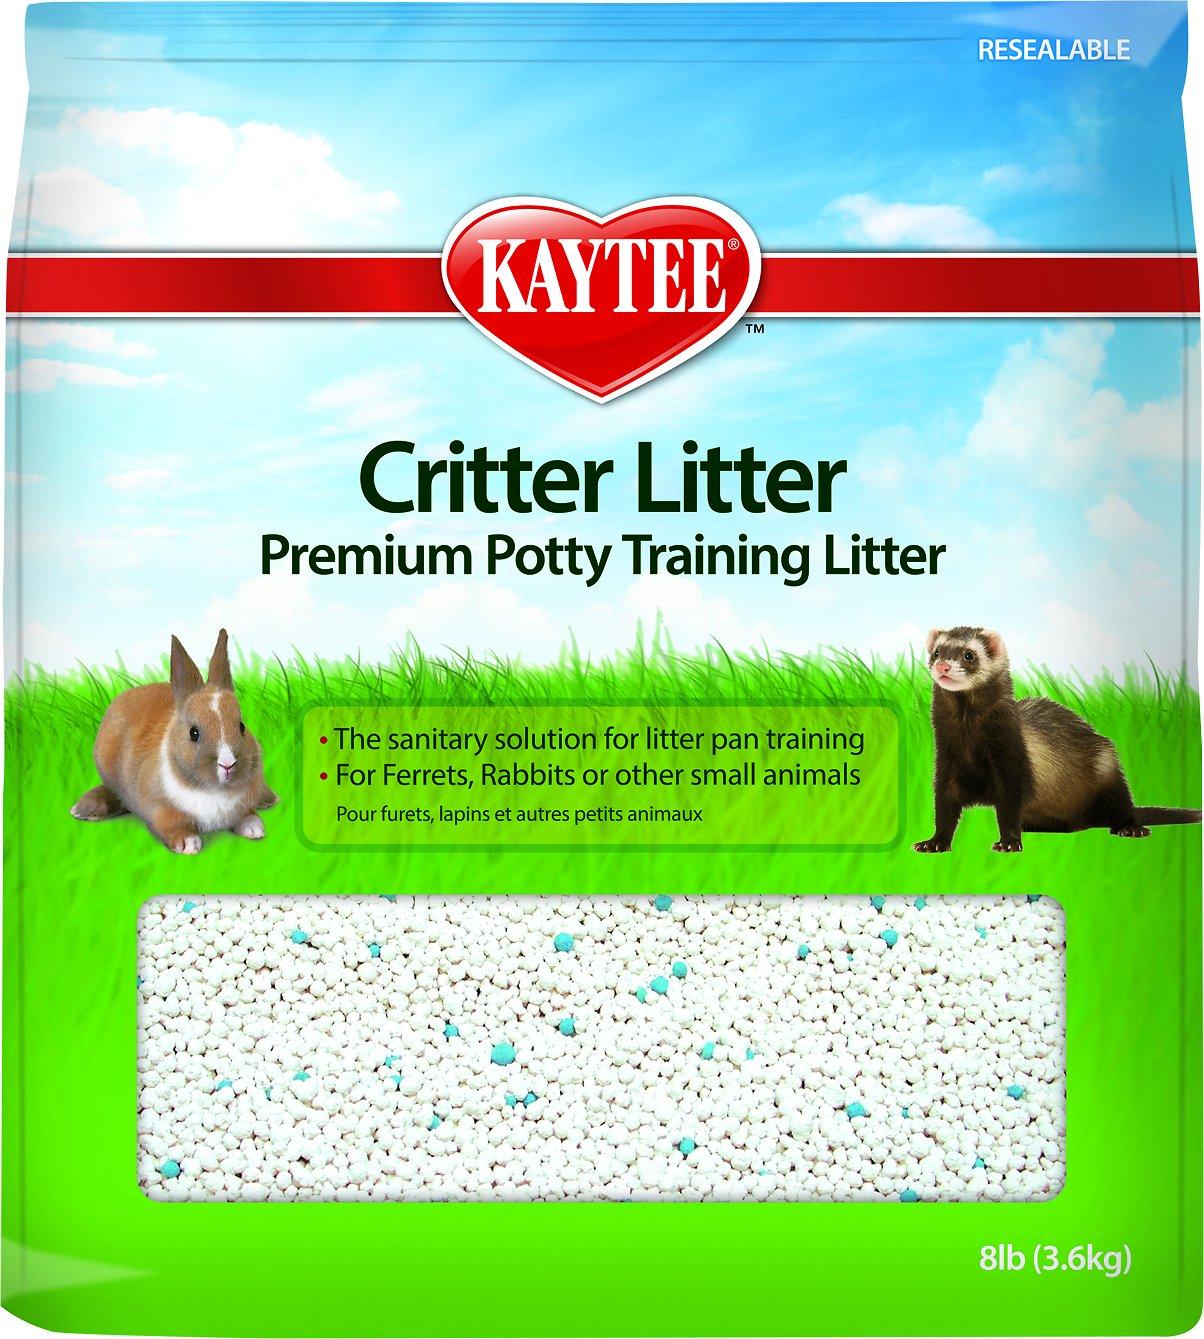 Kaytee Critter Litter Premium Potty Training Small Animal Litter, 8-lb bag